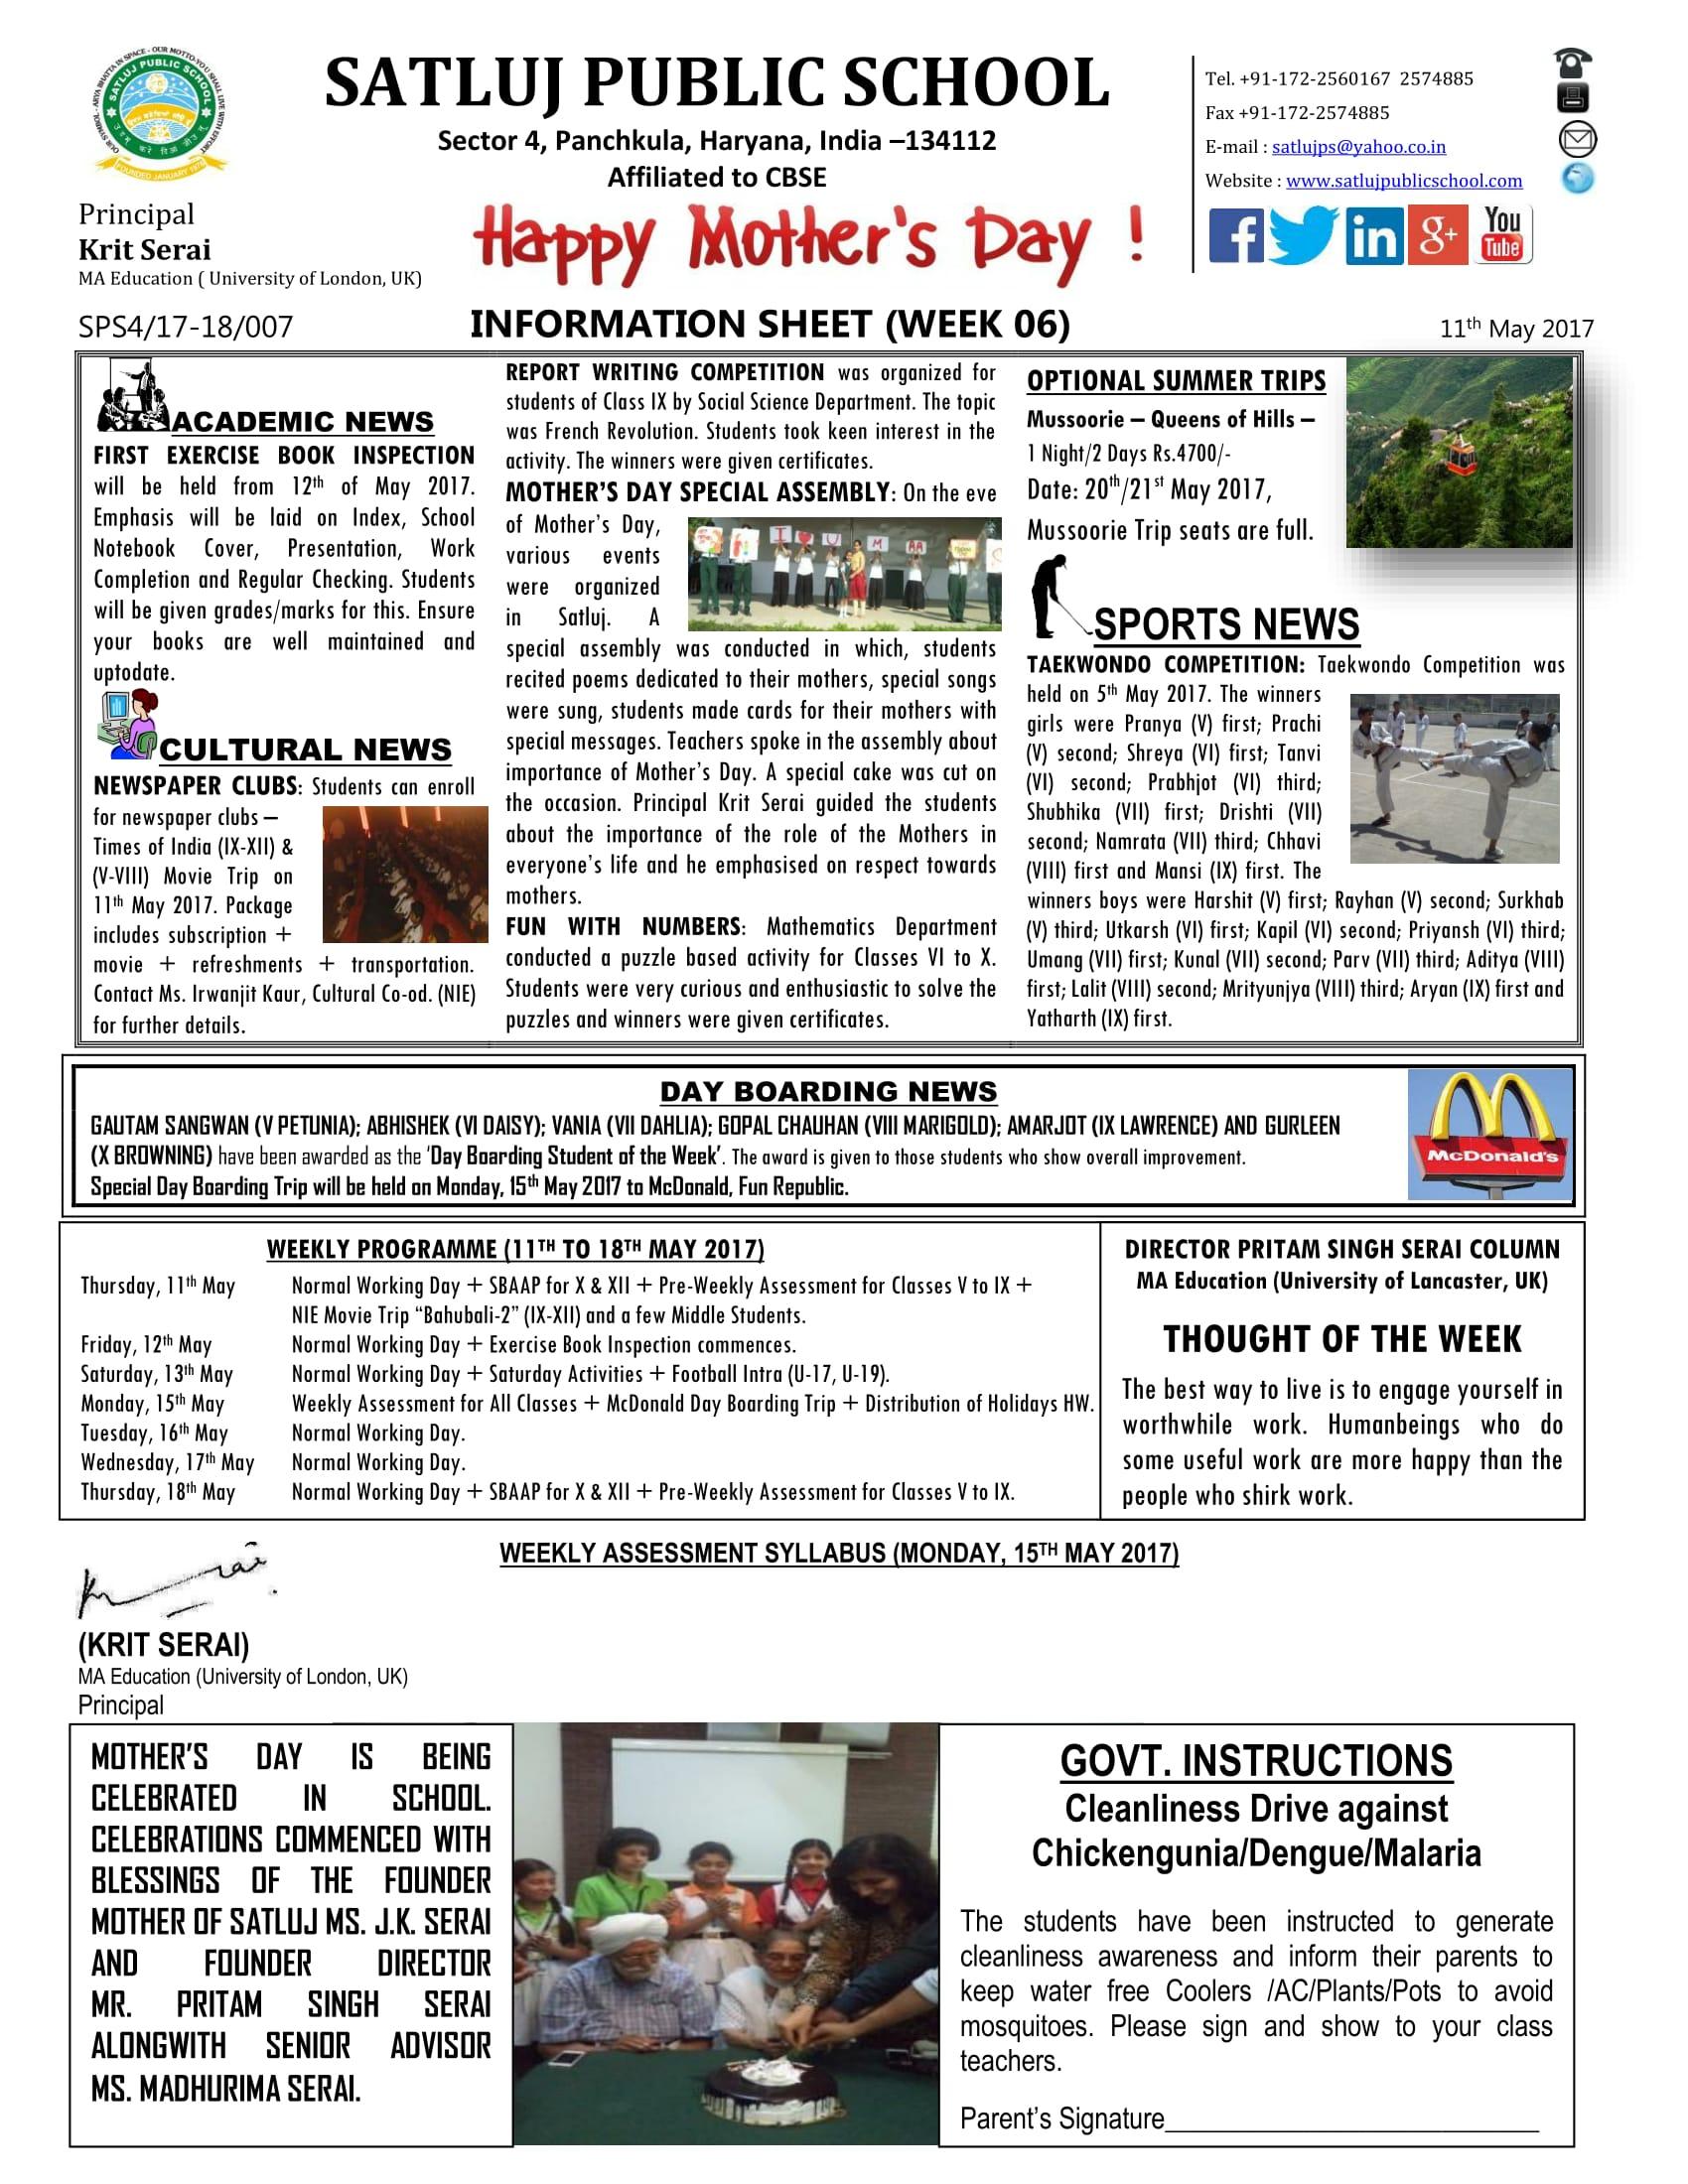 Information Sheet 06-1